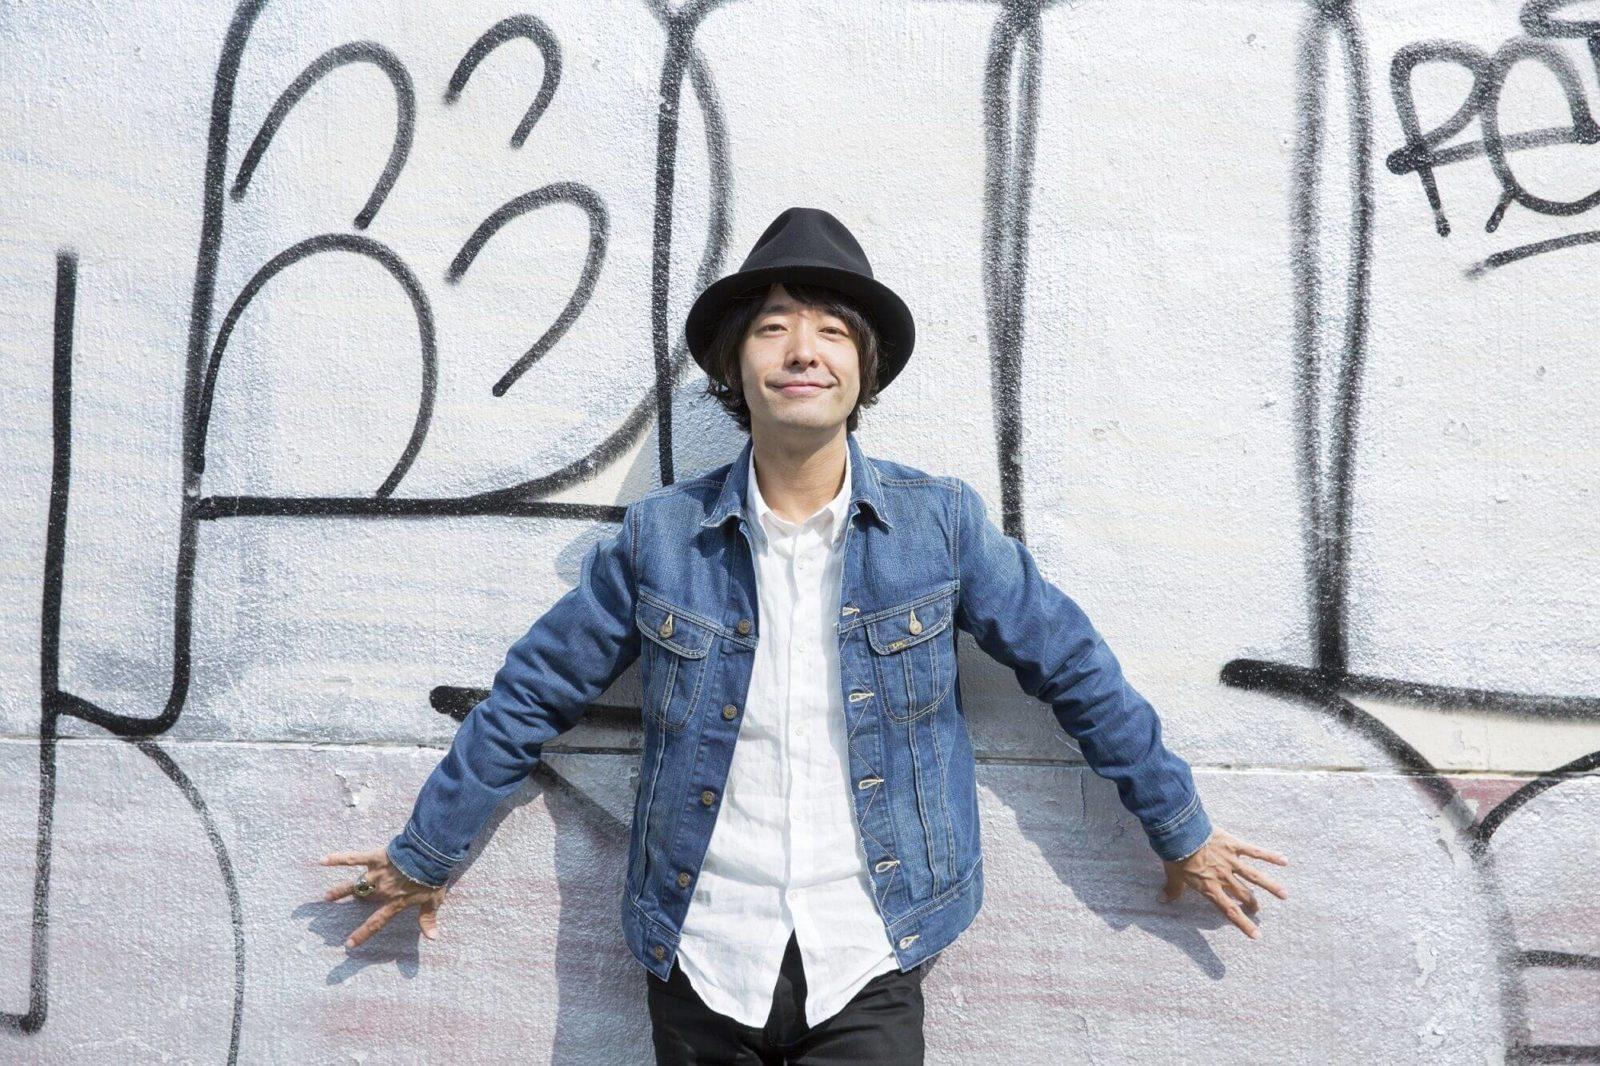 平野レミが番組中に口ずさんだ曲に「神ファンサ」「素敵すぎ」ネット盛り上がりサムネイル画像